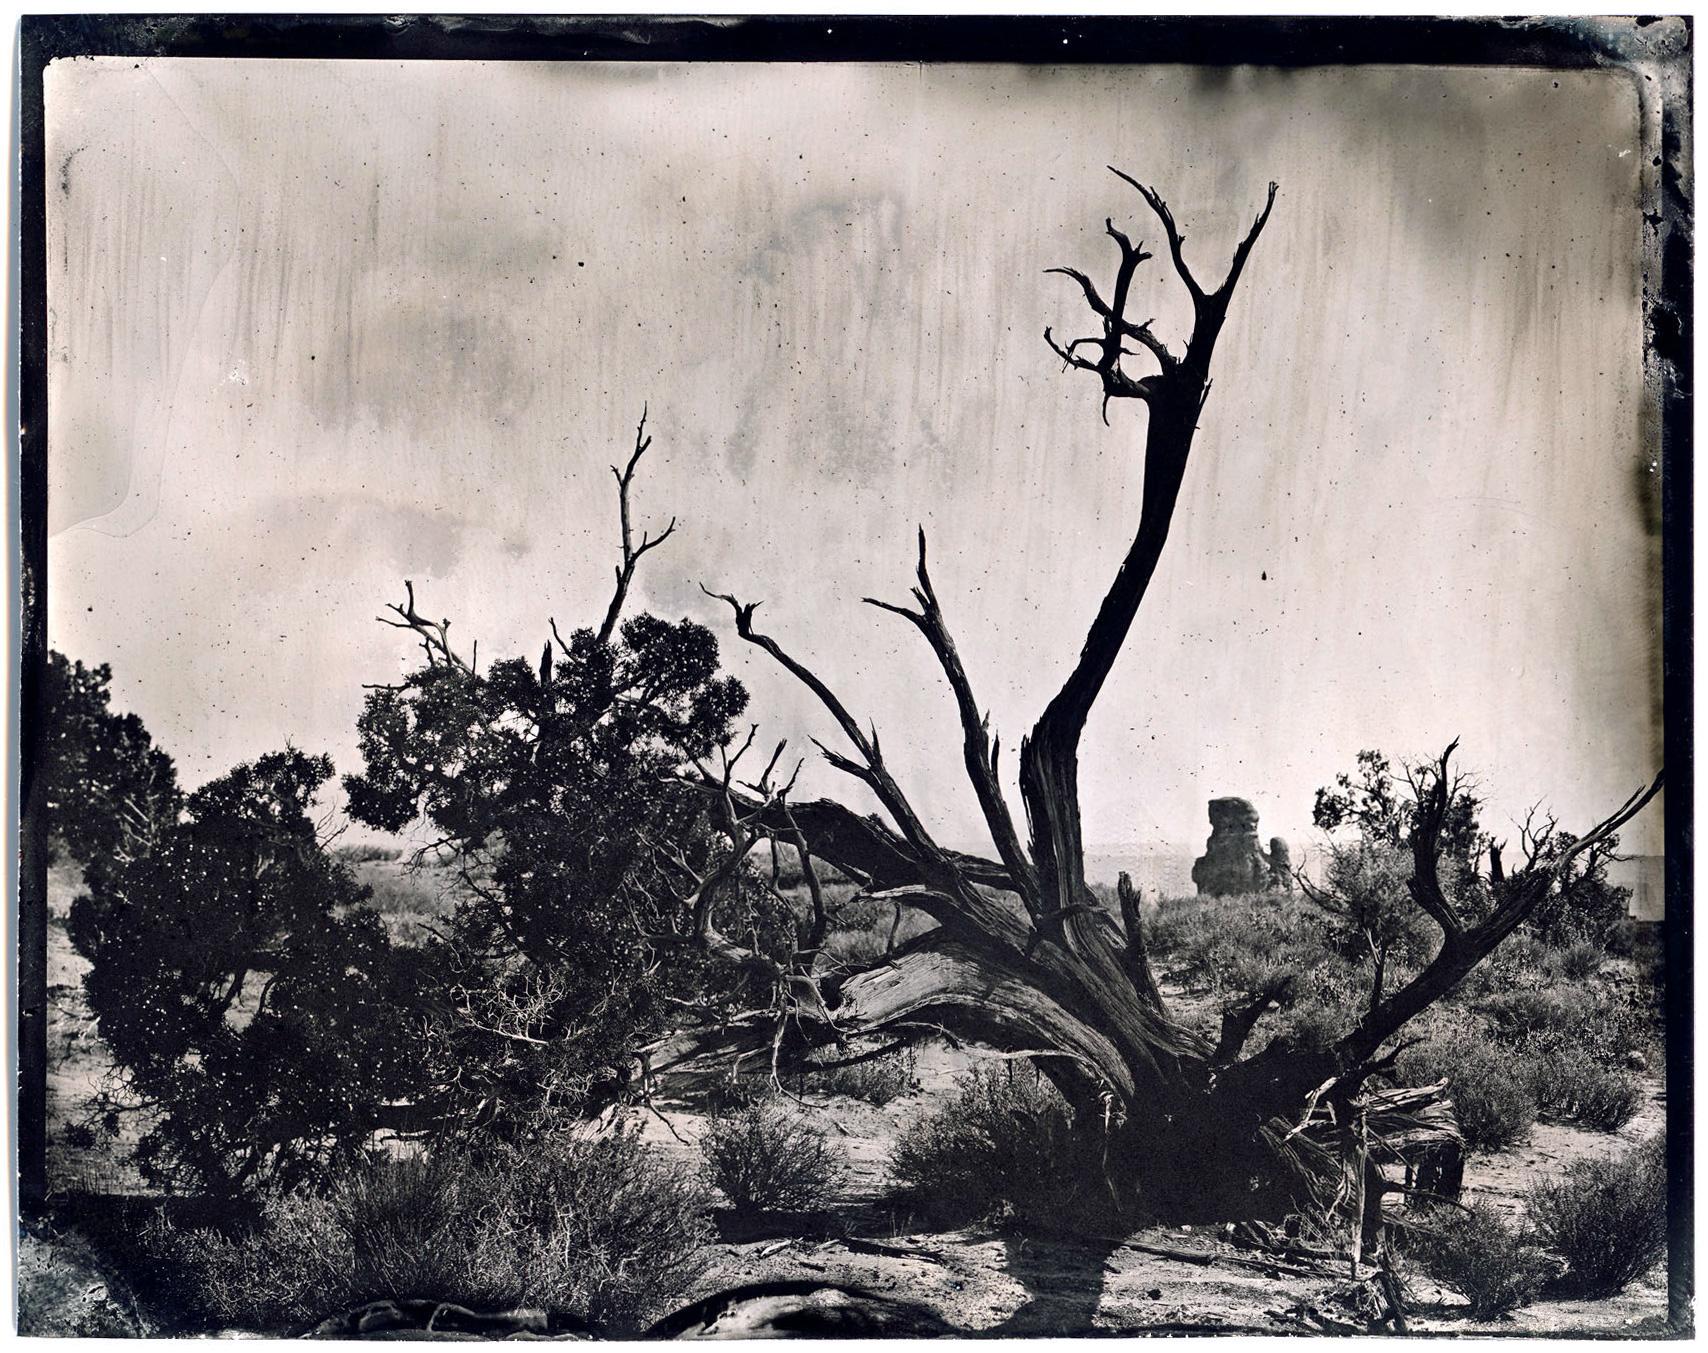 james-weber-wetplate-landscape-00550.jpg